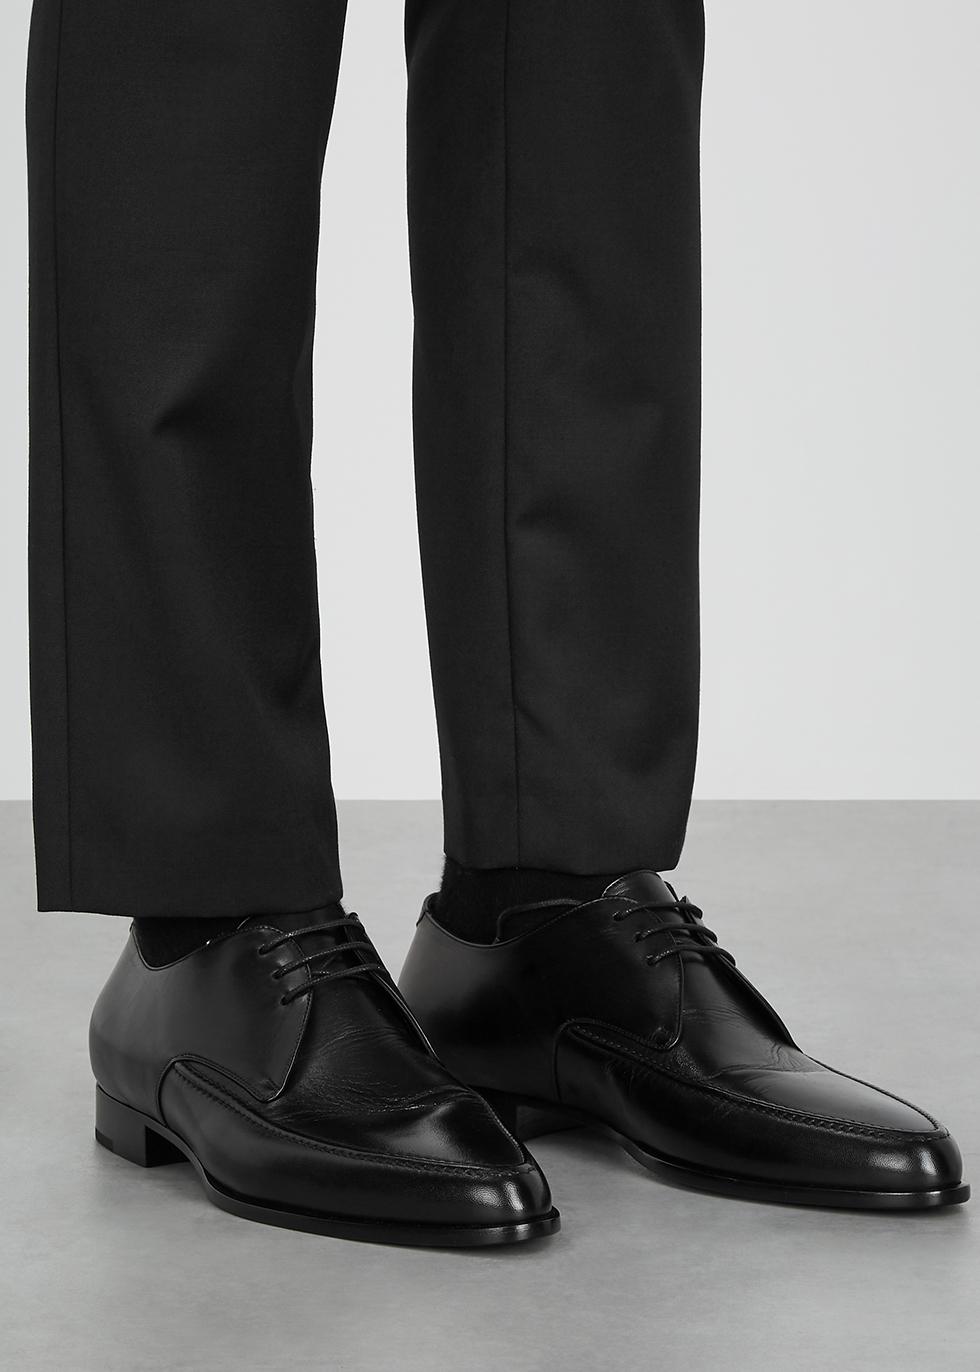 Saint Laurent Marceau black leather